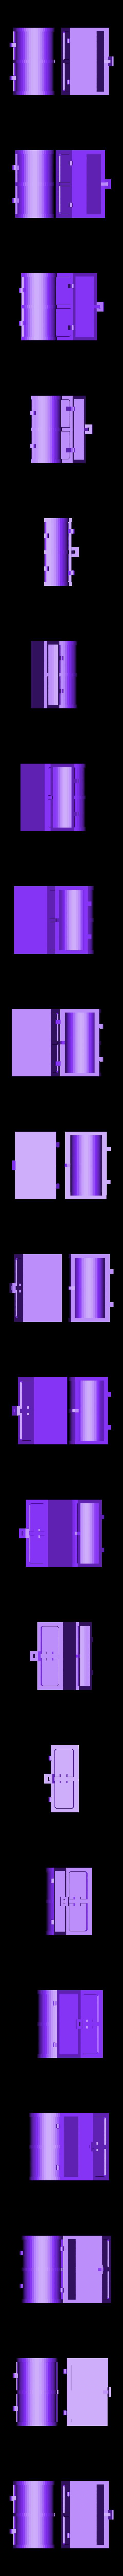 chest.stl Télécharger fichier STL gratuit Coffre au trésor d'or • Objet pour imprimante 3D, Quantum3D